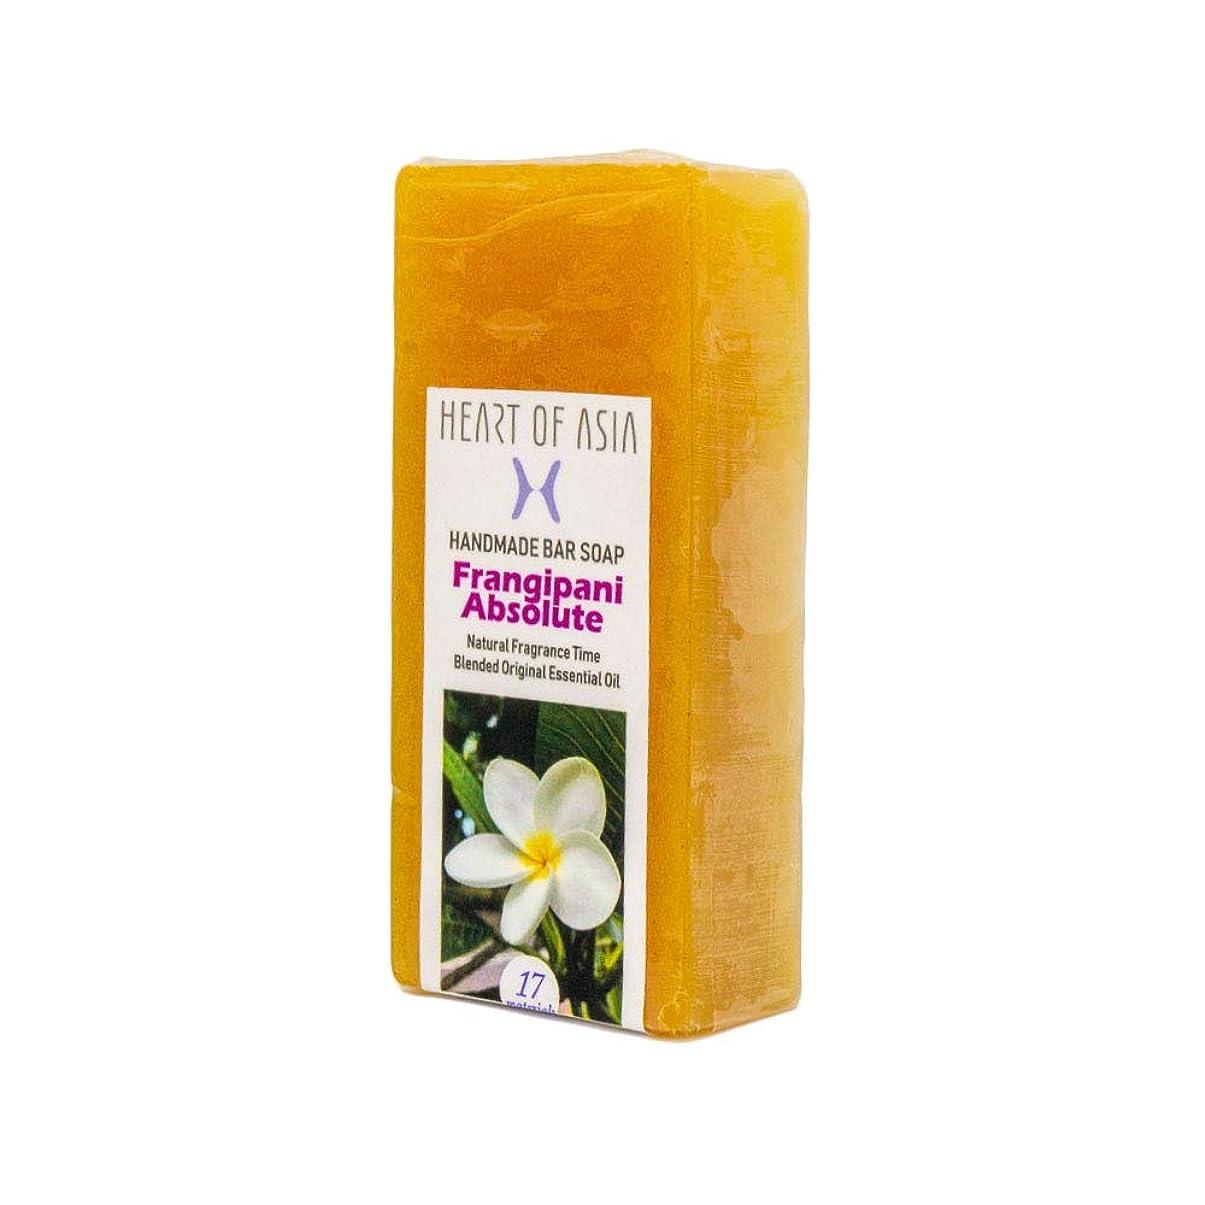 トレイオリエンテーション全体香水のようなフレグランス石けん HANDMADE BAR SOAP ~Frangipani Absolute~ (単品)